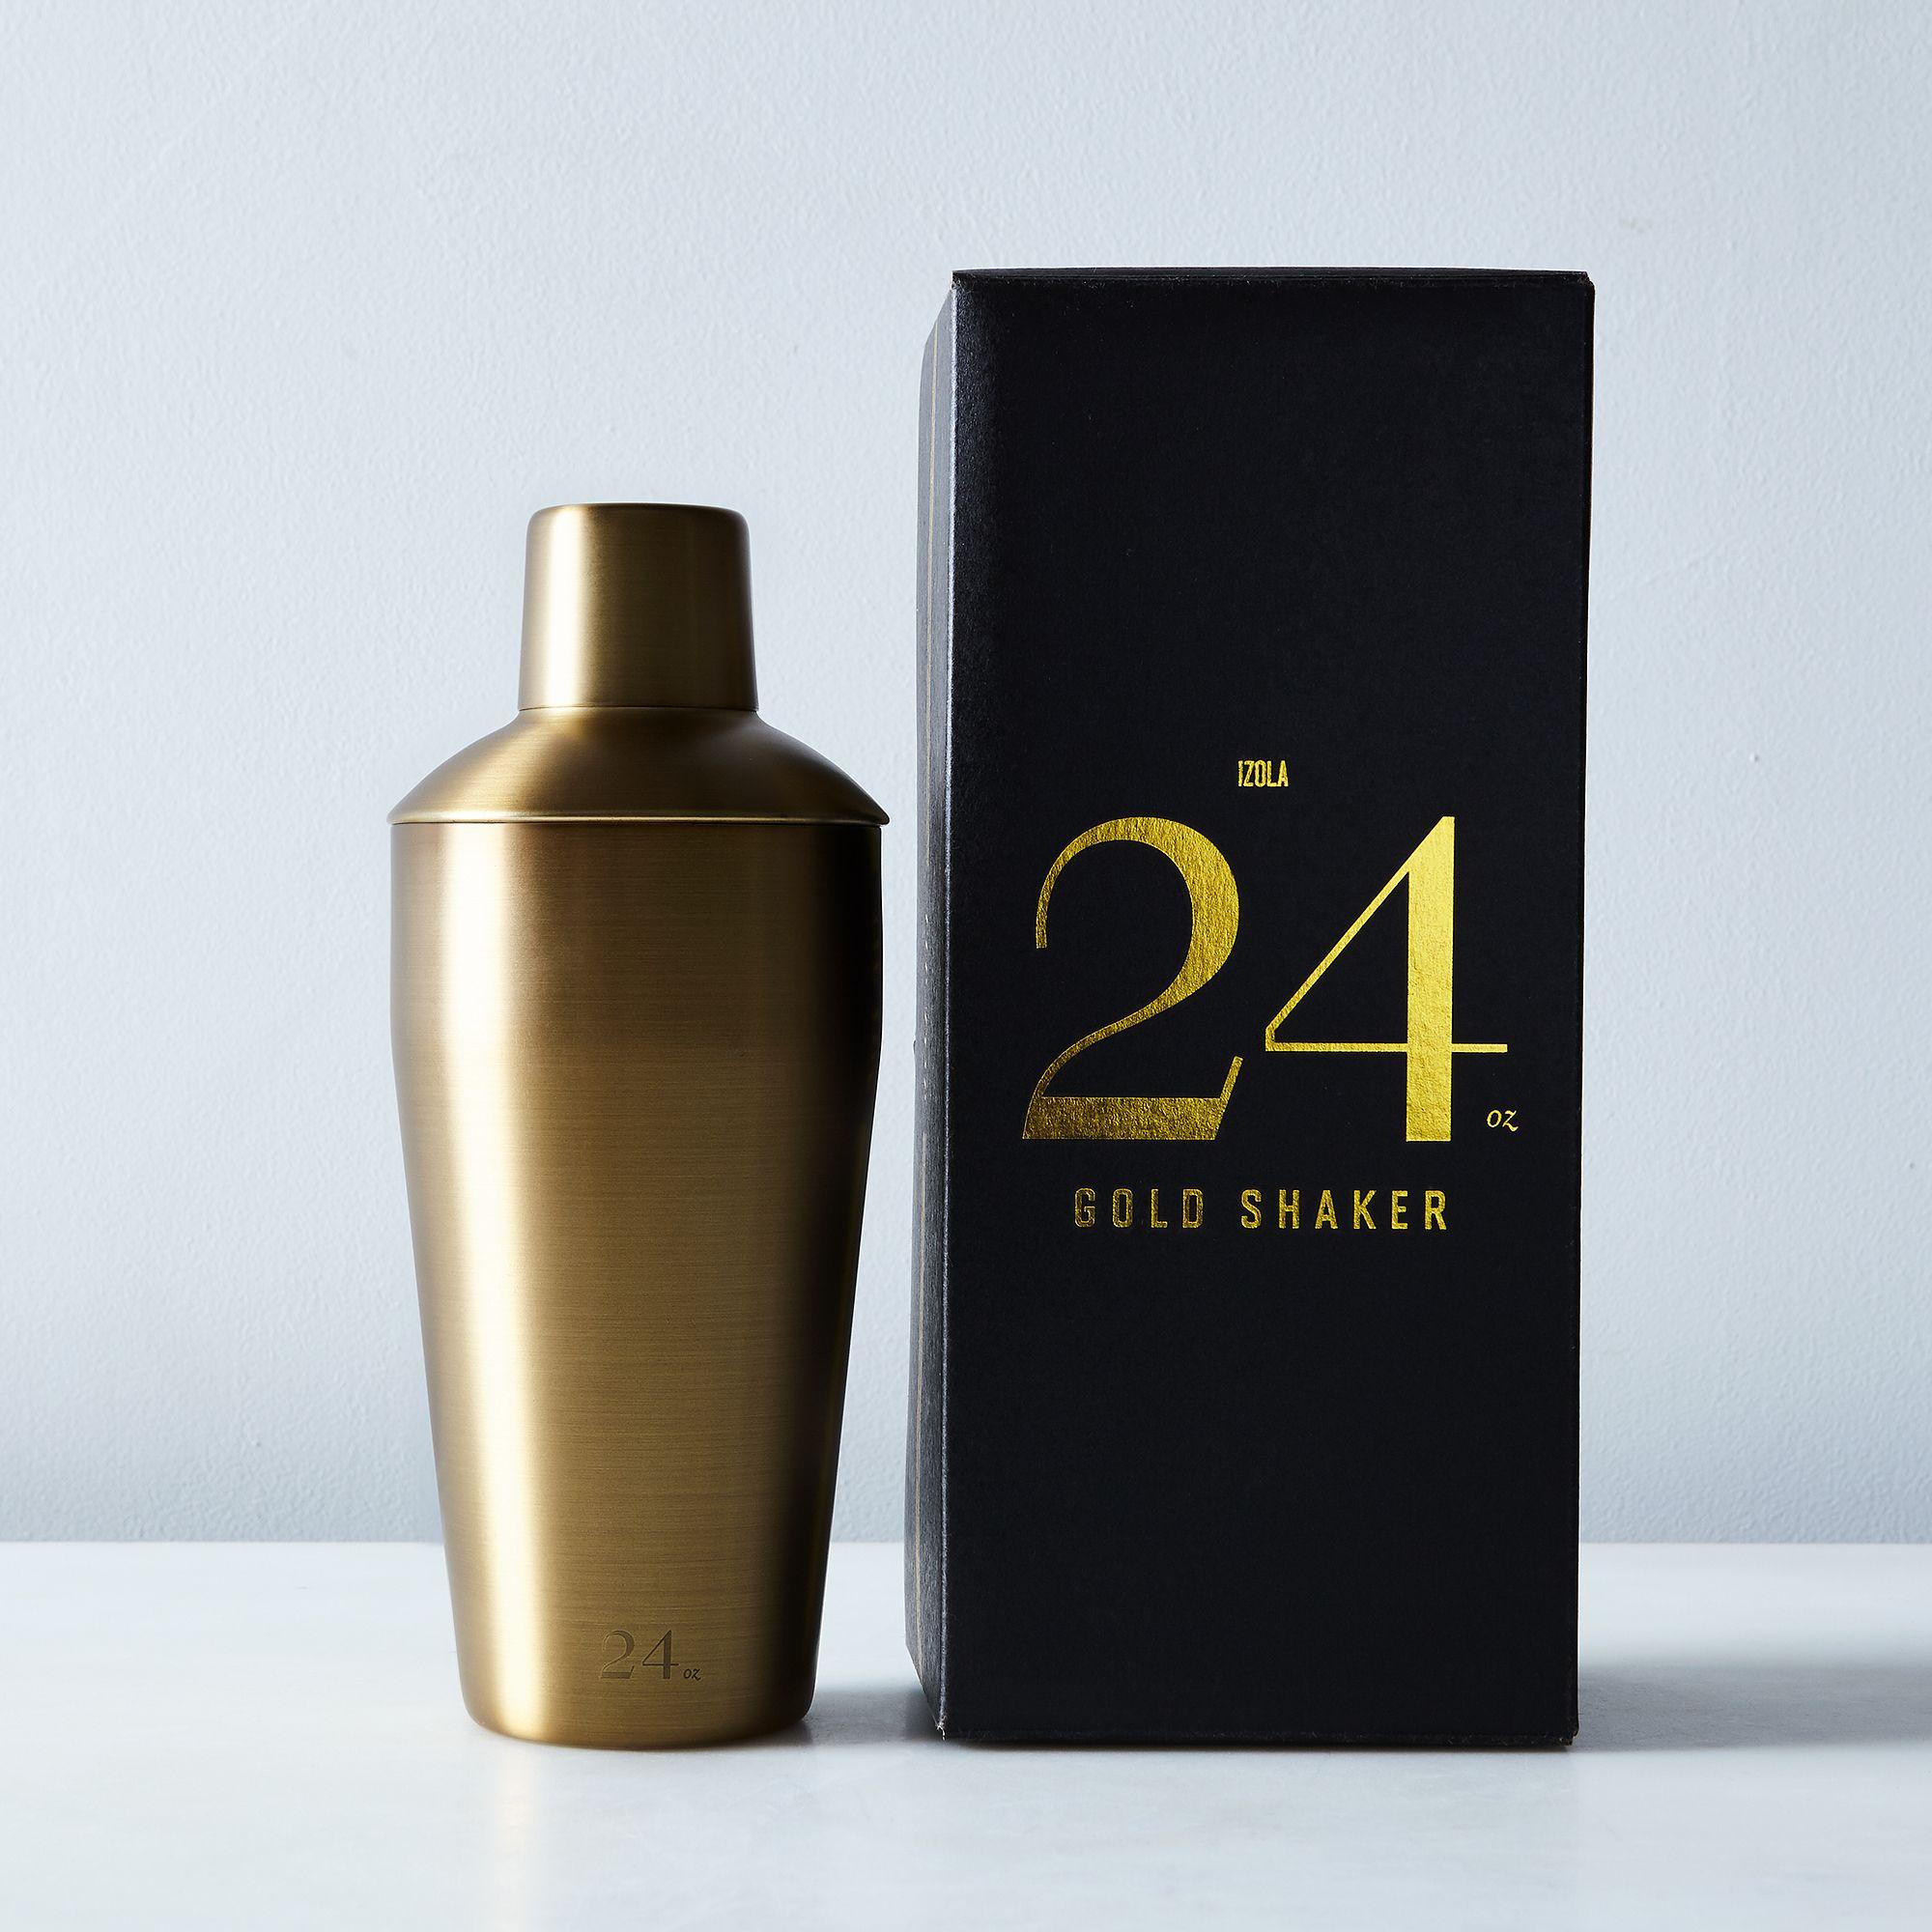 F4029978 e55a 4ac7 9fc5 e95111eb59c2  2016 1123 izola matte gold cocktail shaker detail silo rocky luten 060